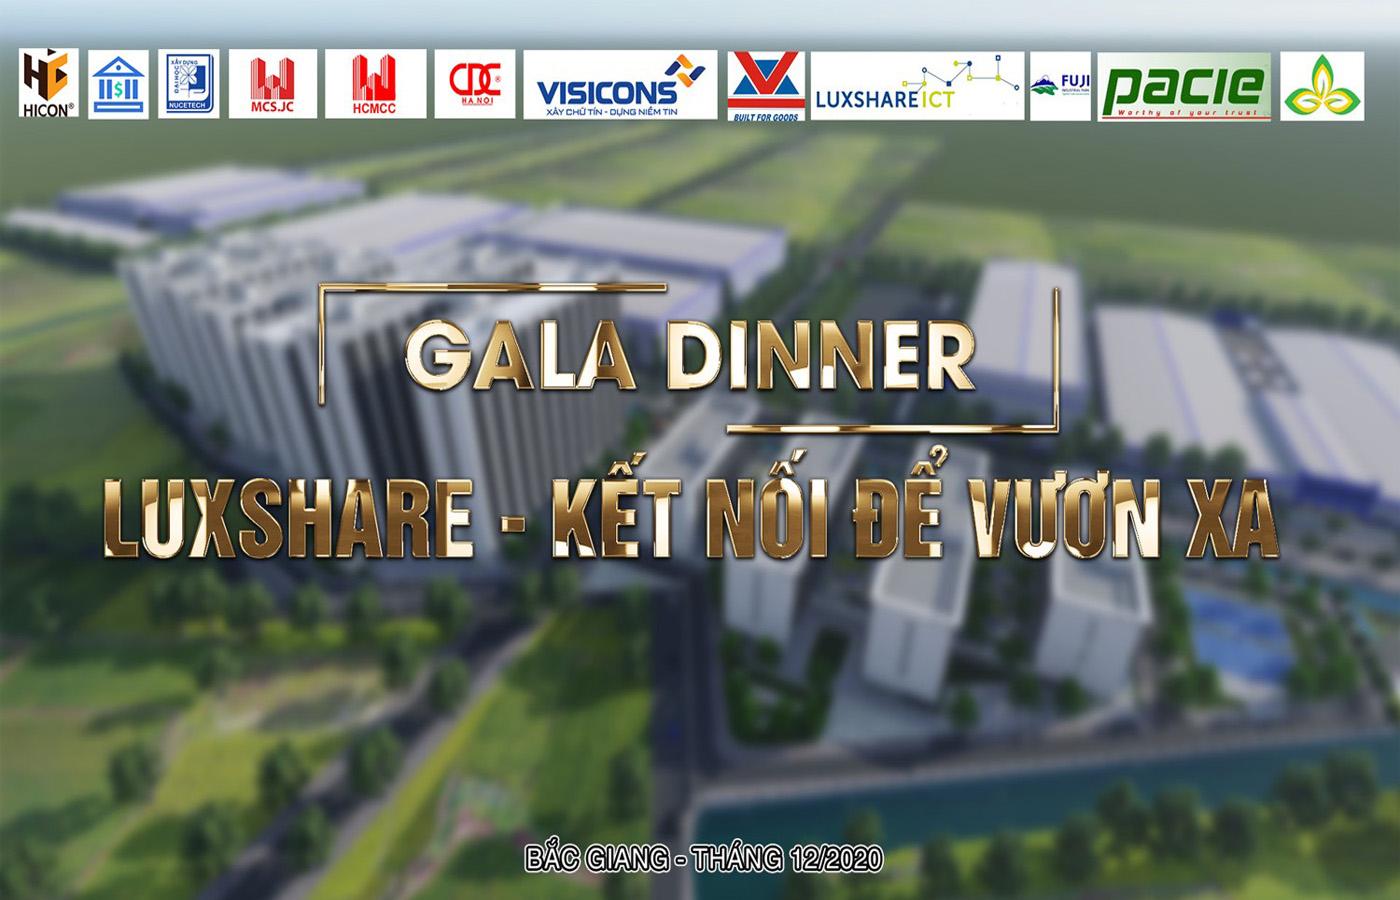 """Nhà máy Luxshare ICT tổ chức đêm tiệc """"Gala Dinner – Kết nối để vươn xa"""""""